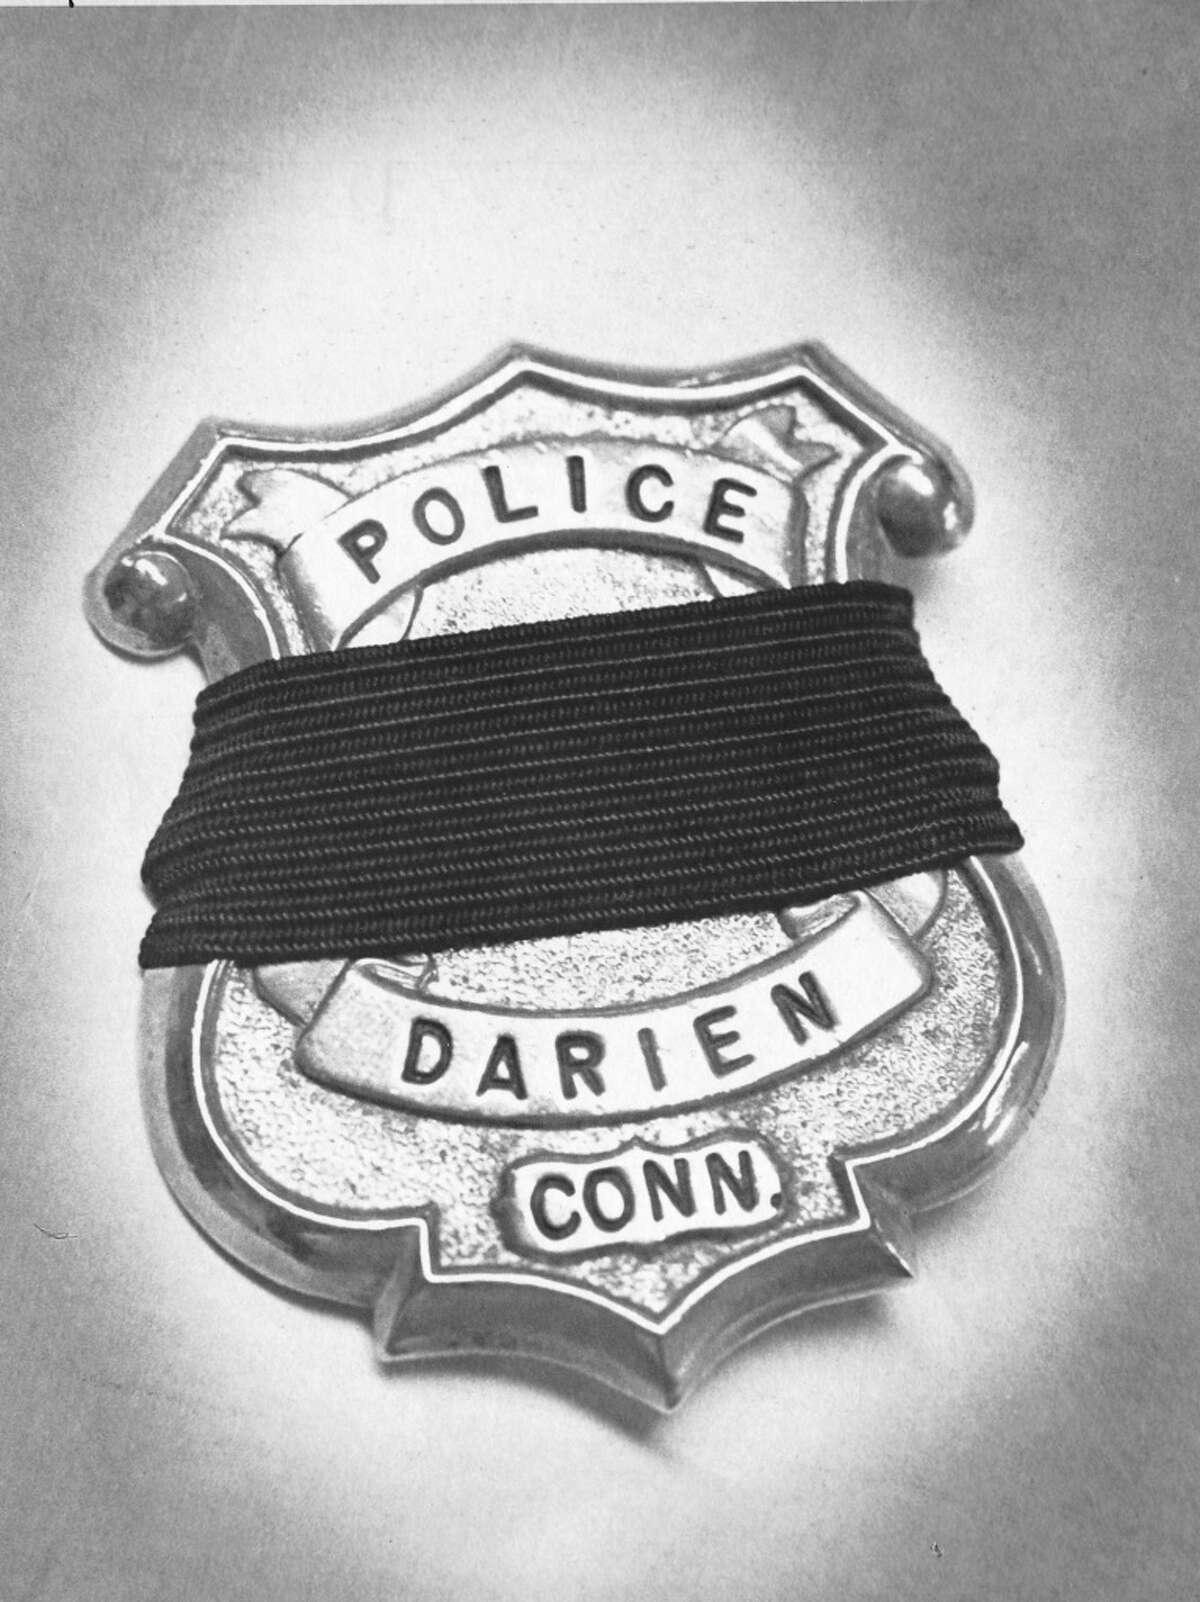 Darien Policeman Kenneth was Bateman slain during robbery at Duchess restaurant in 1981.